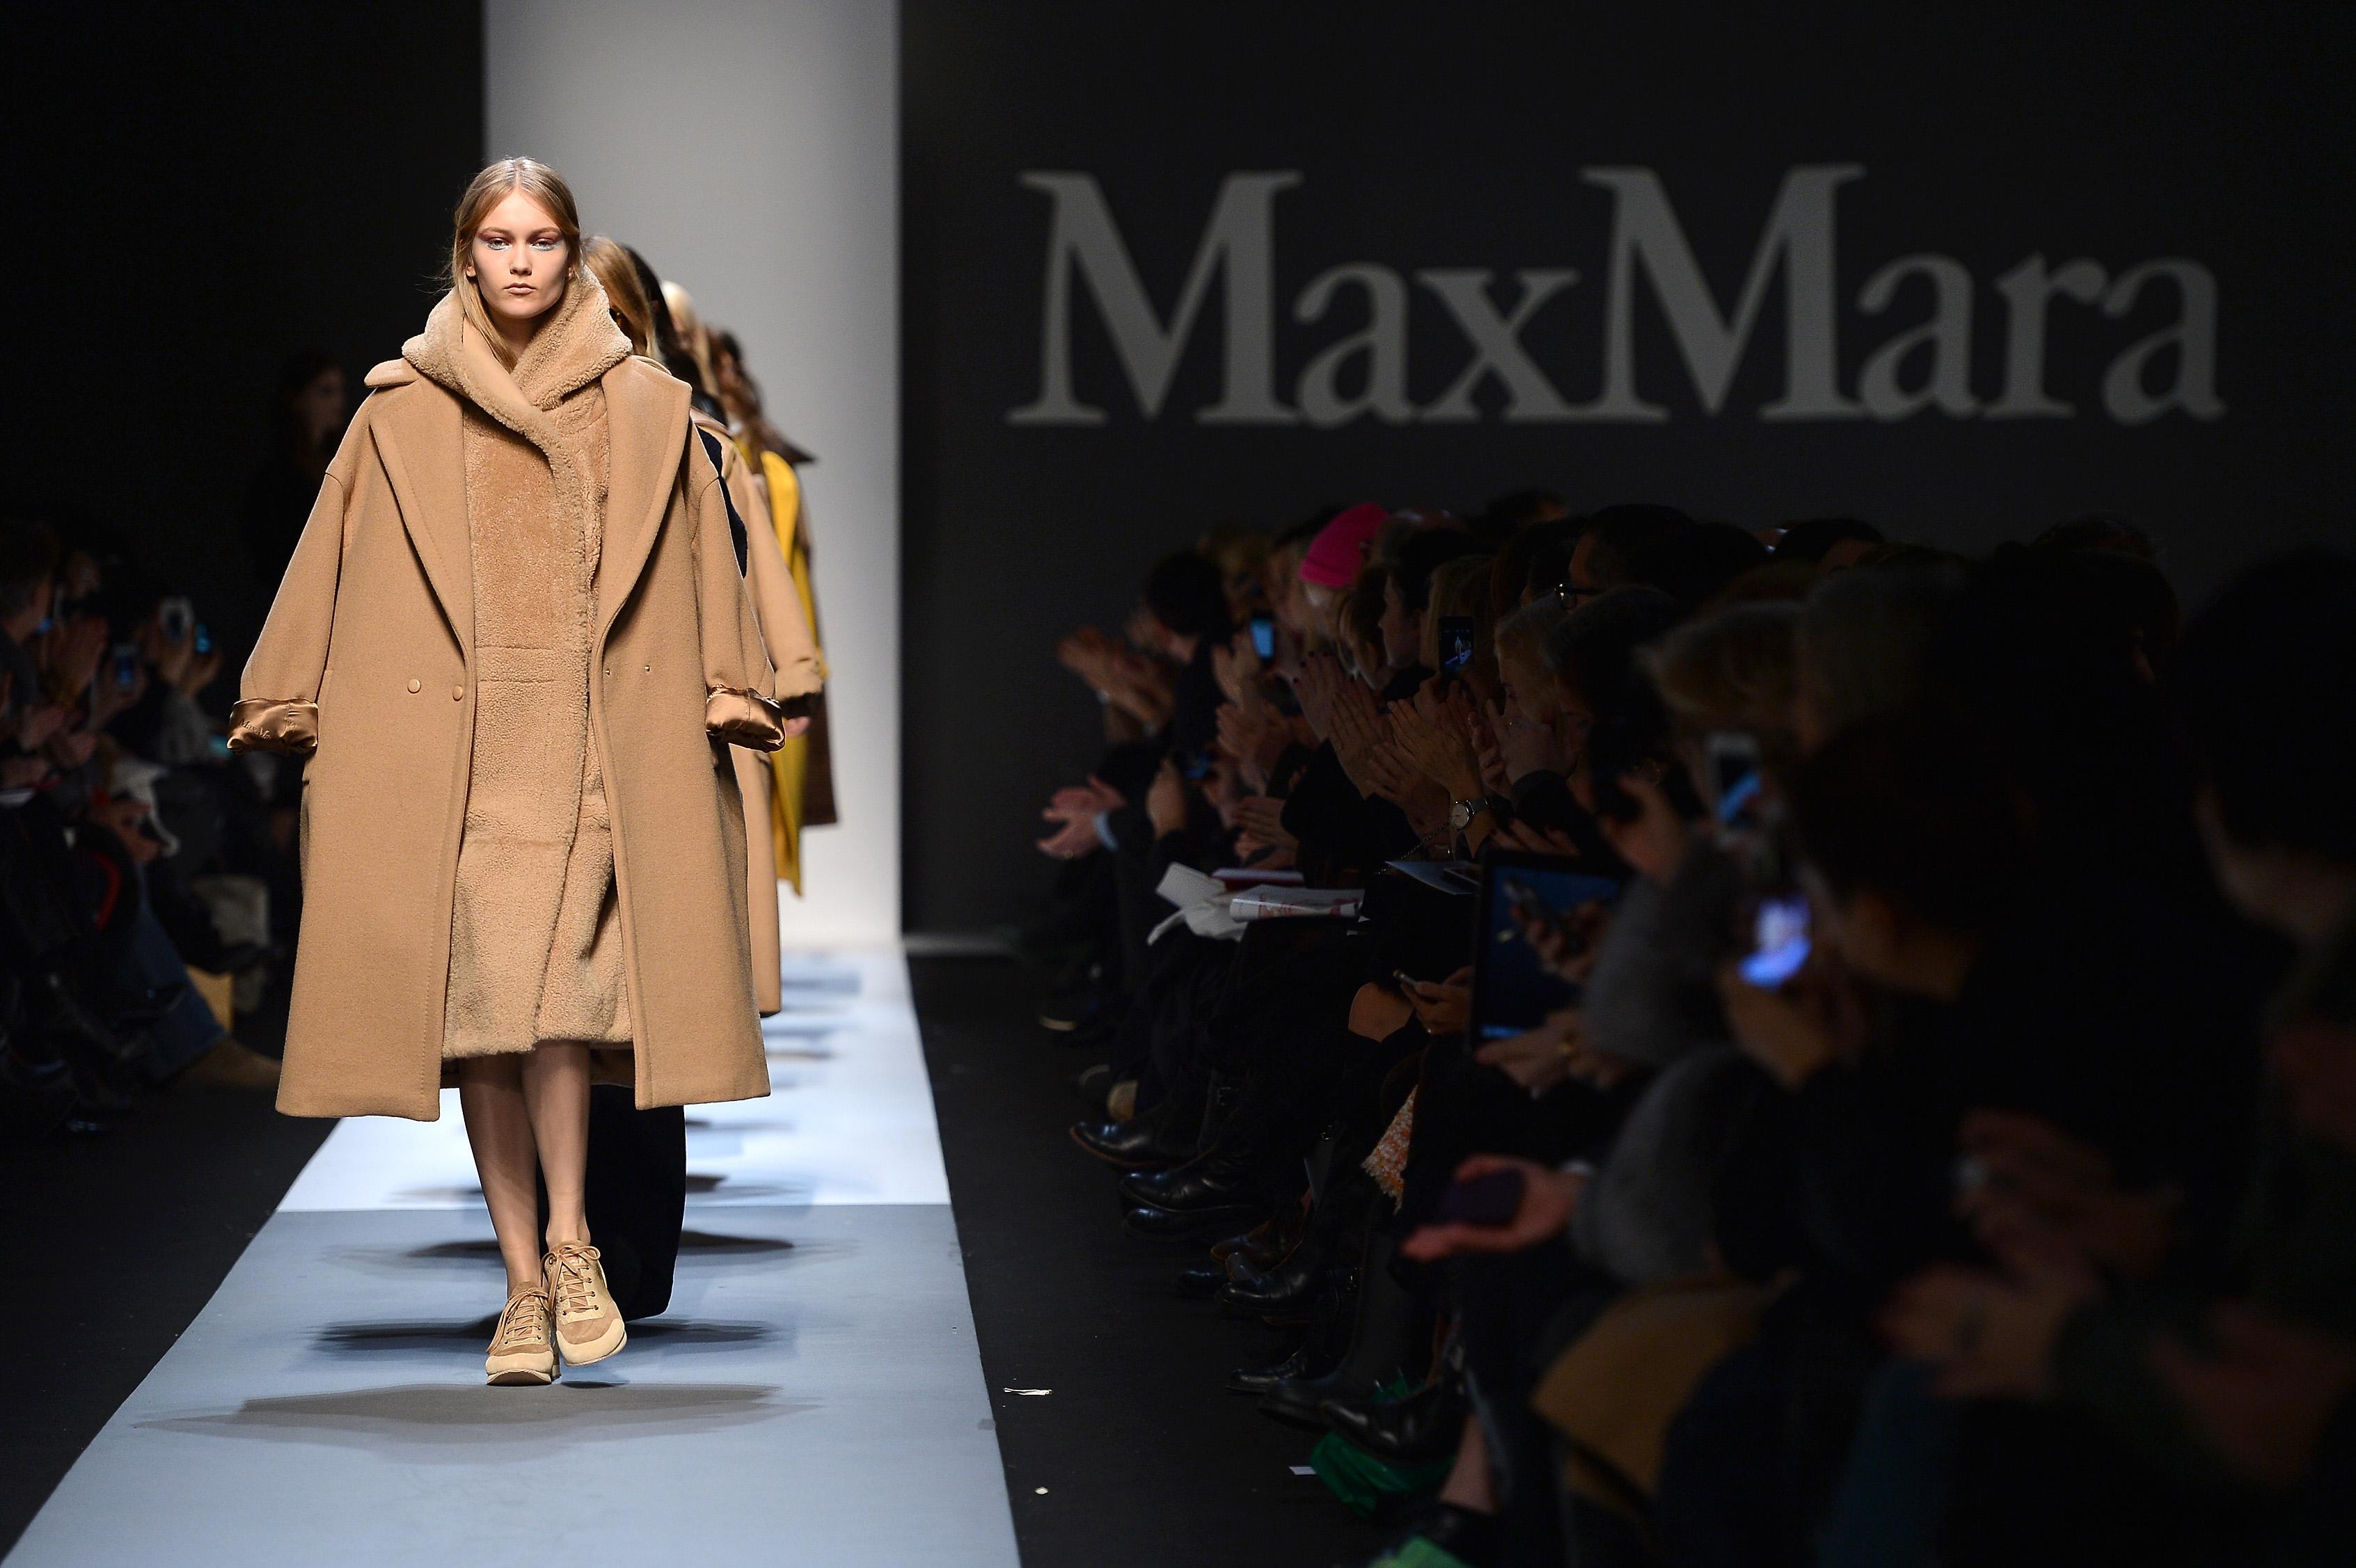 Max Mara collezione Autunno/Inverno 2013-14: l'eleganza comoda